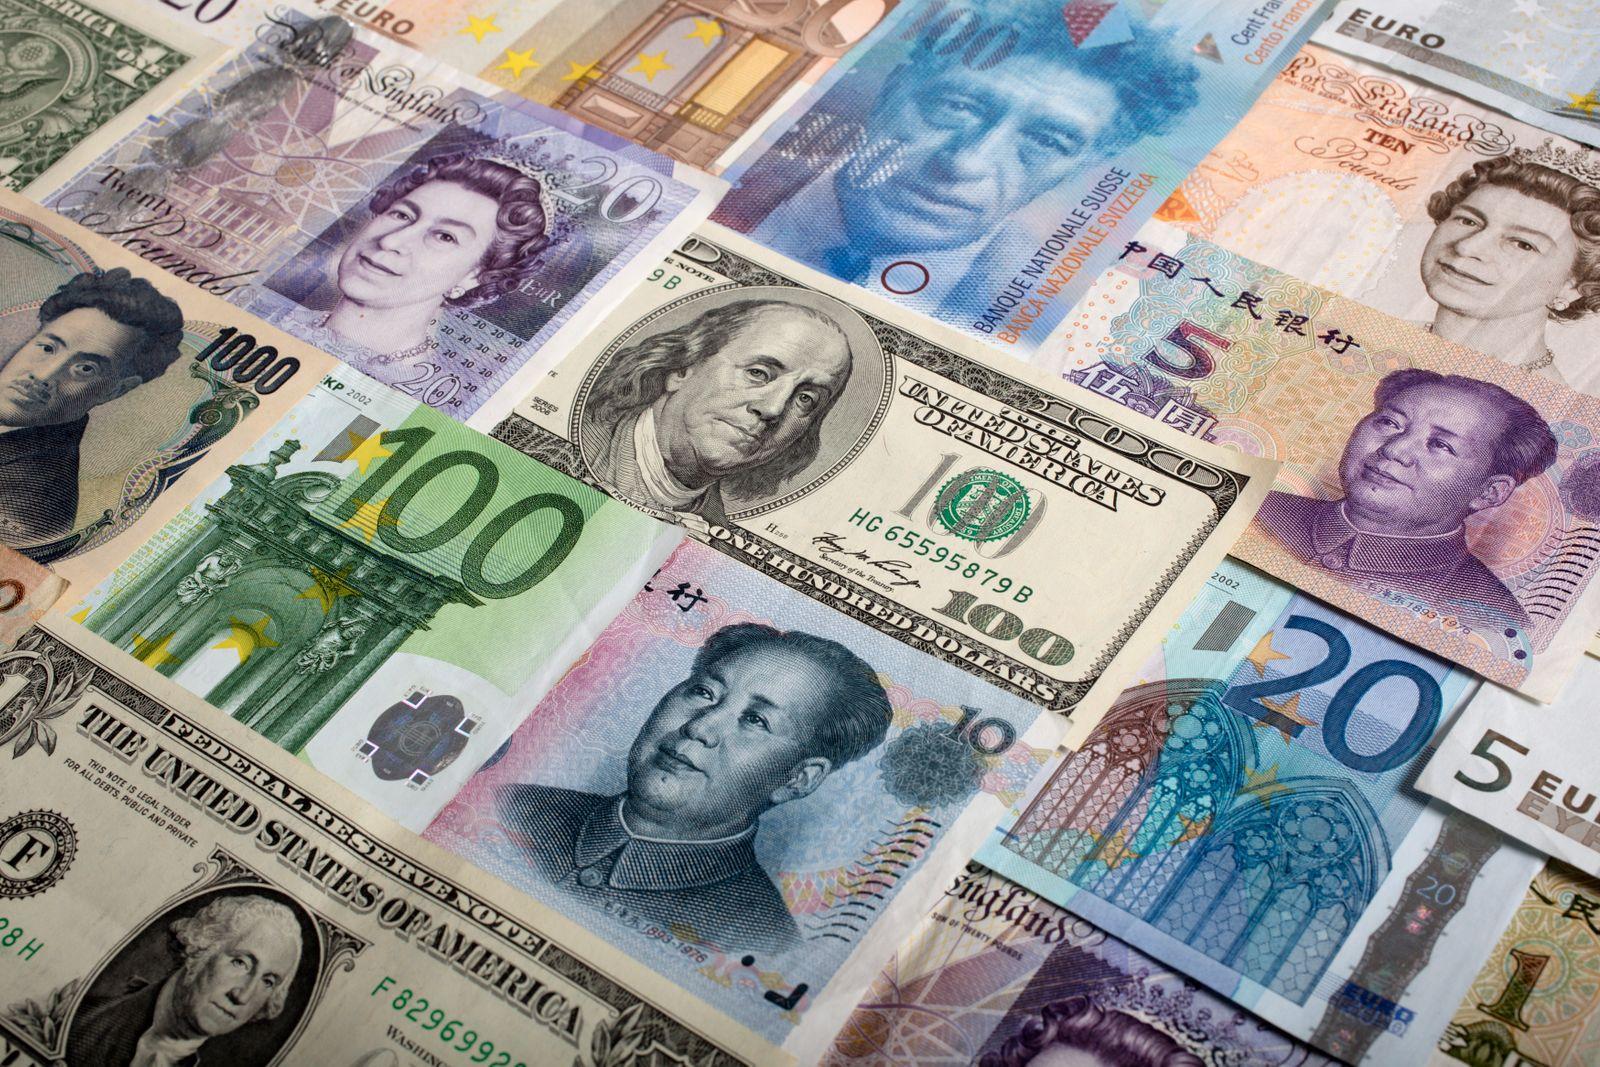 Währungen; Gelscheine; Yuan, Euro, Dollar, Pound